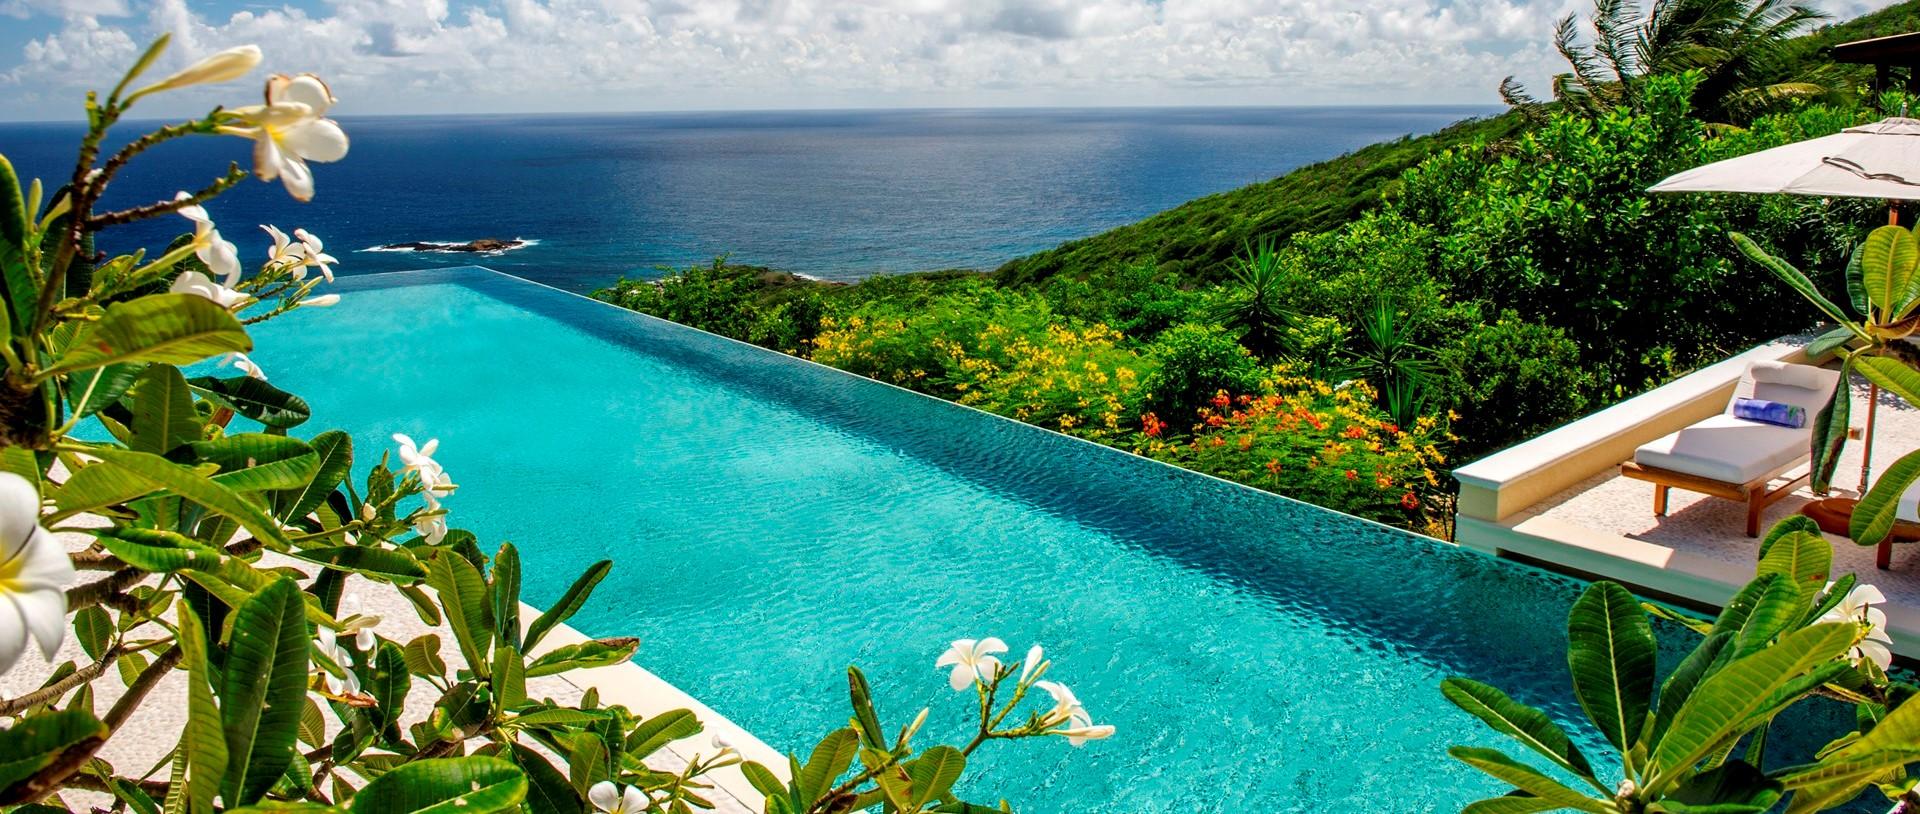 luxury-5-bedroom-villa-mustique